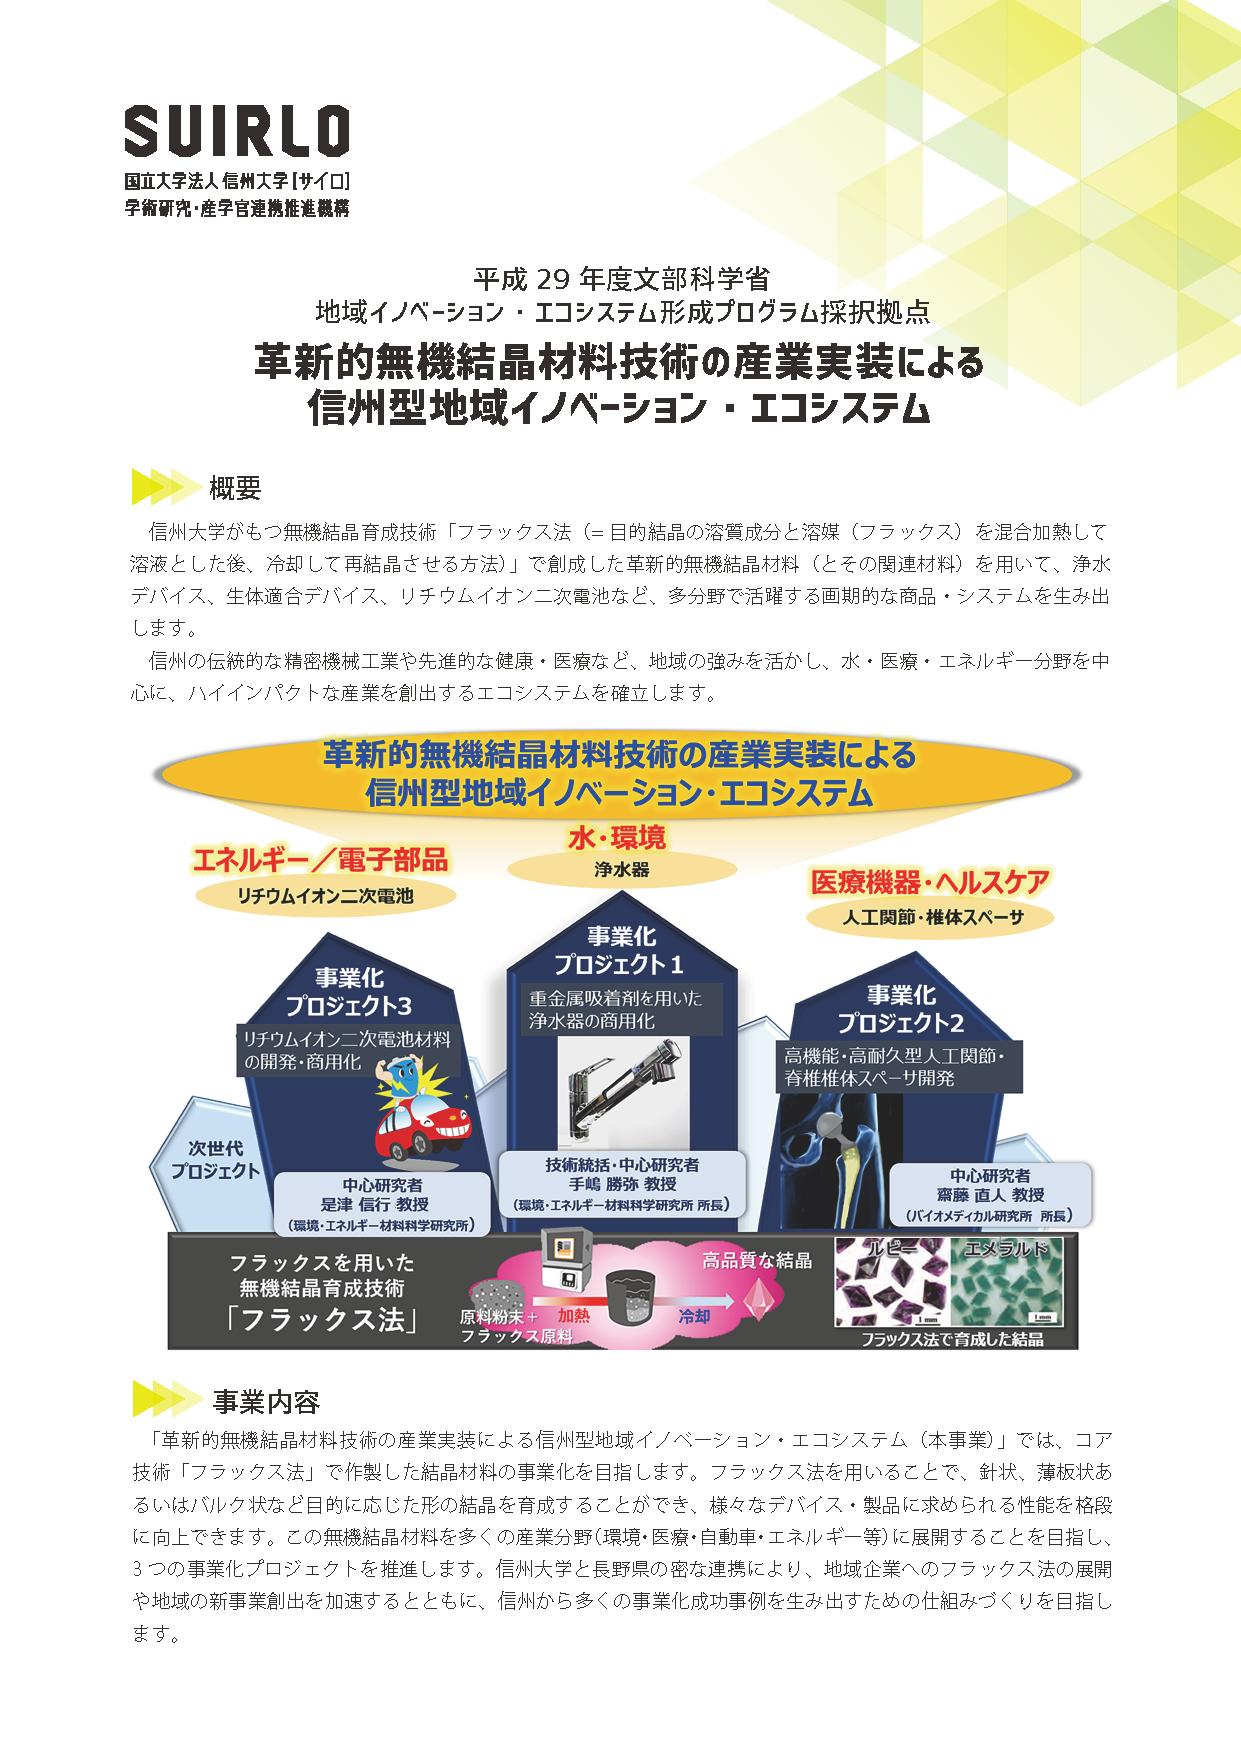 アイキャッチ画像:信州型地域イノベーション・エコシステム